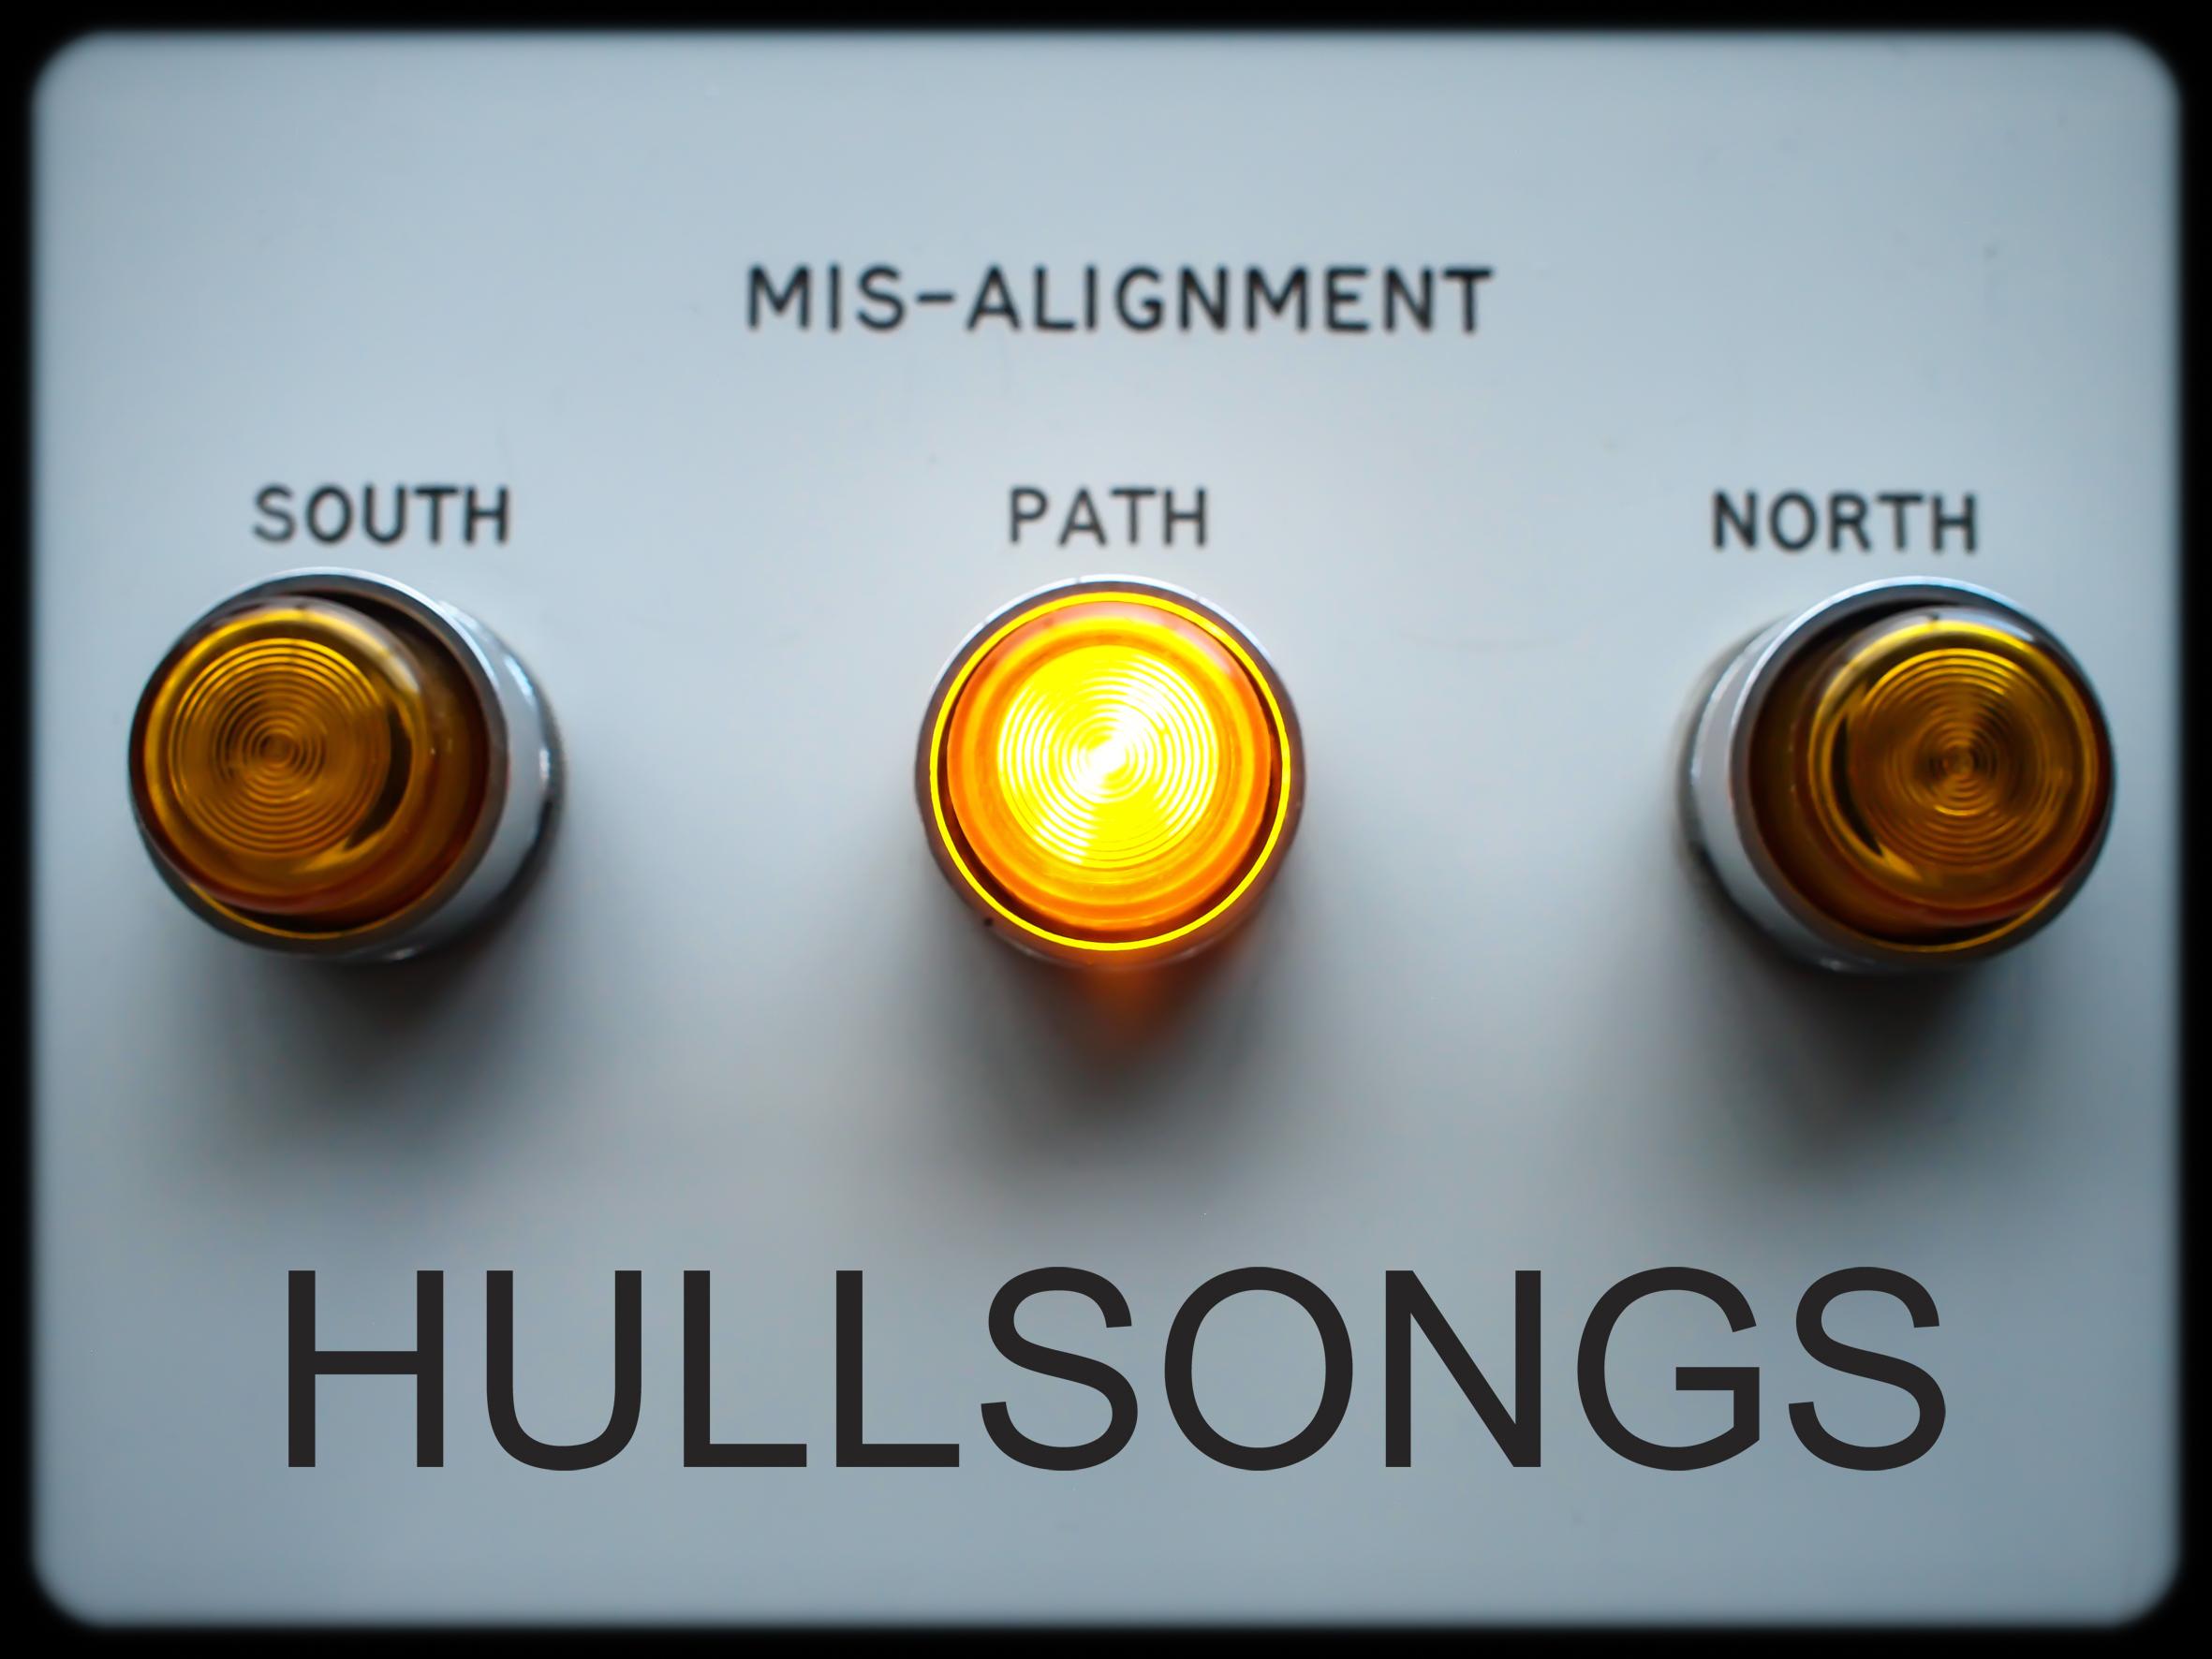 HullSongs